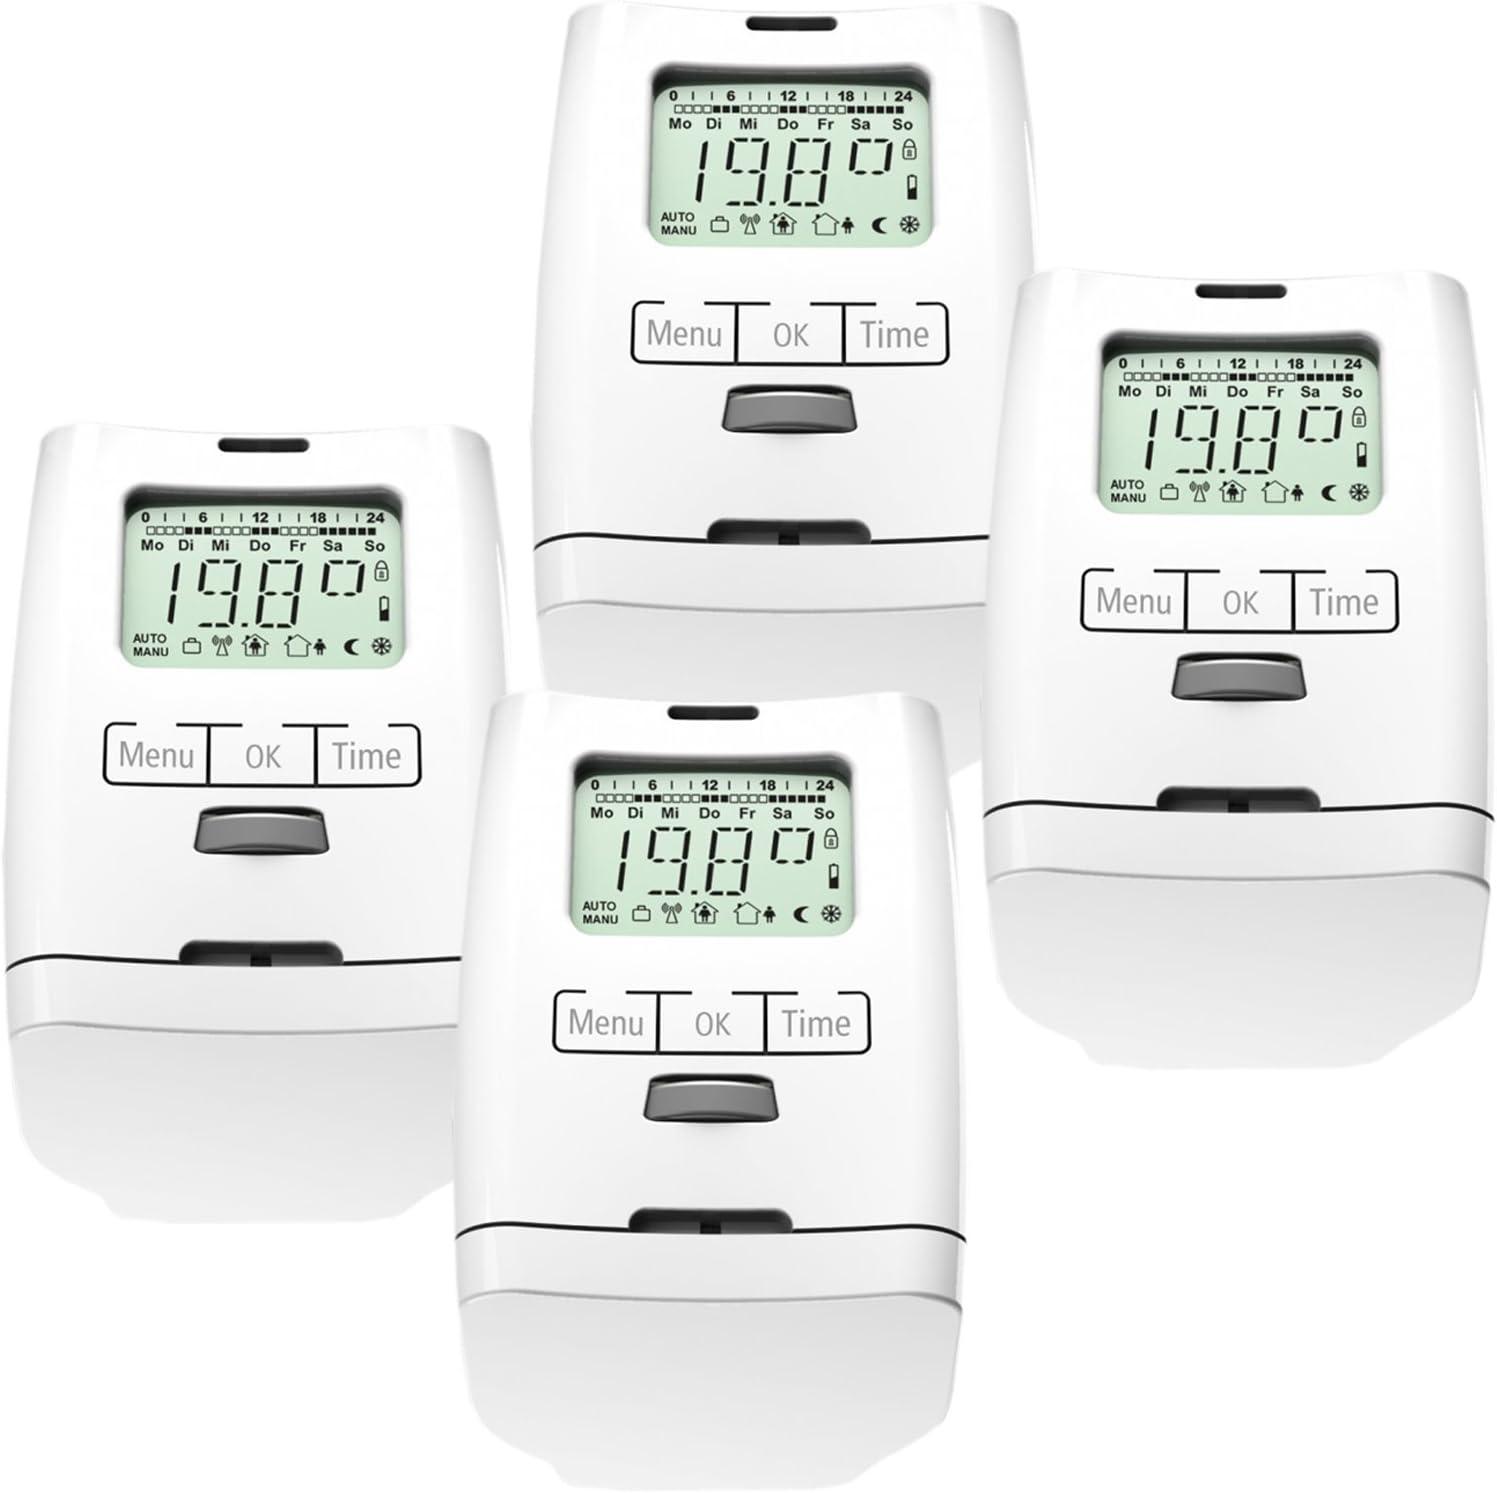 Conjunto de 4 programable para radiadores-termostato (ahorro de energía) HT 2000 modelo silencioso fabricado en Alemania, para 4 habitaciones, versión Premium con tuerca de metal estable